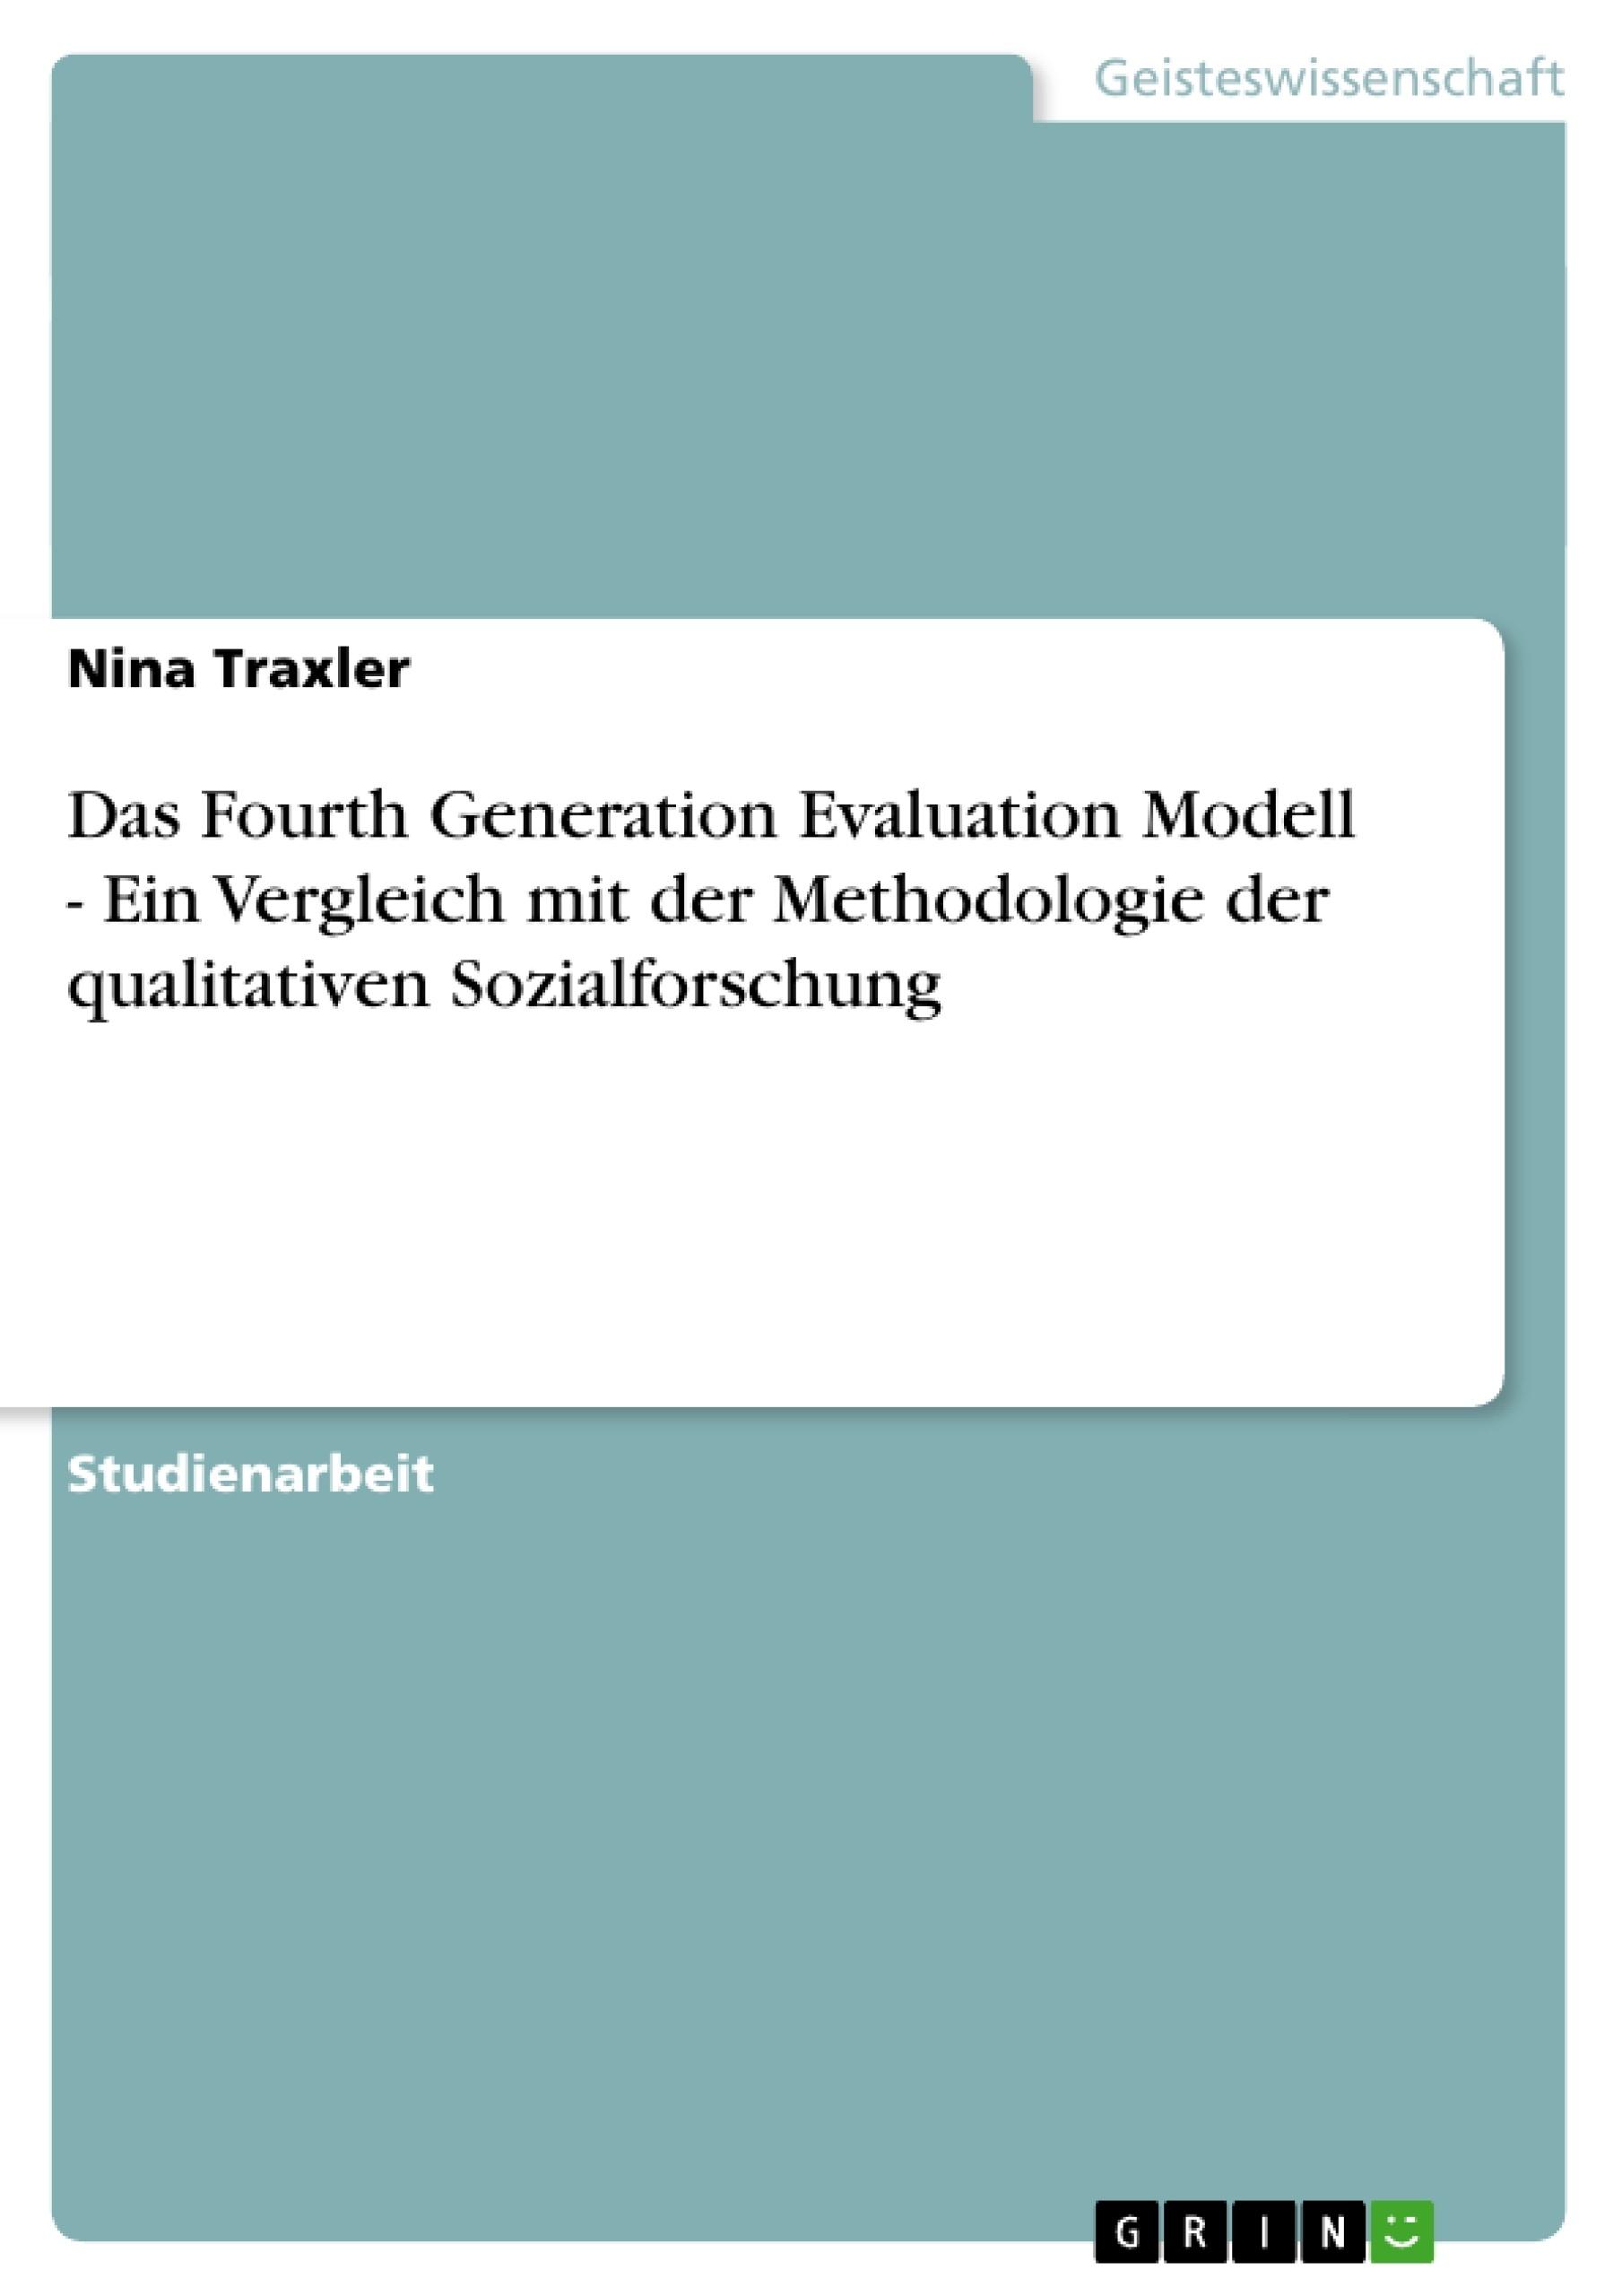 Titel: Das Fourth Generation Evaluation Modell - Ein Vergleich mit der Methodologie der qualitativen Sozialforschung